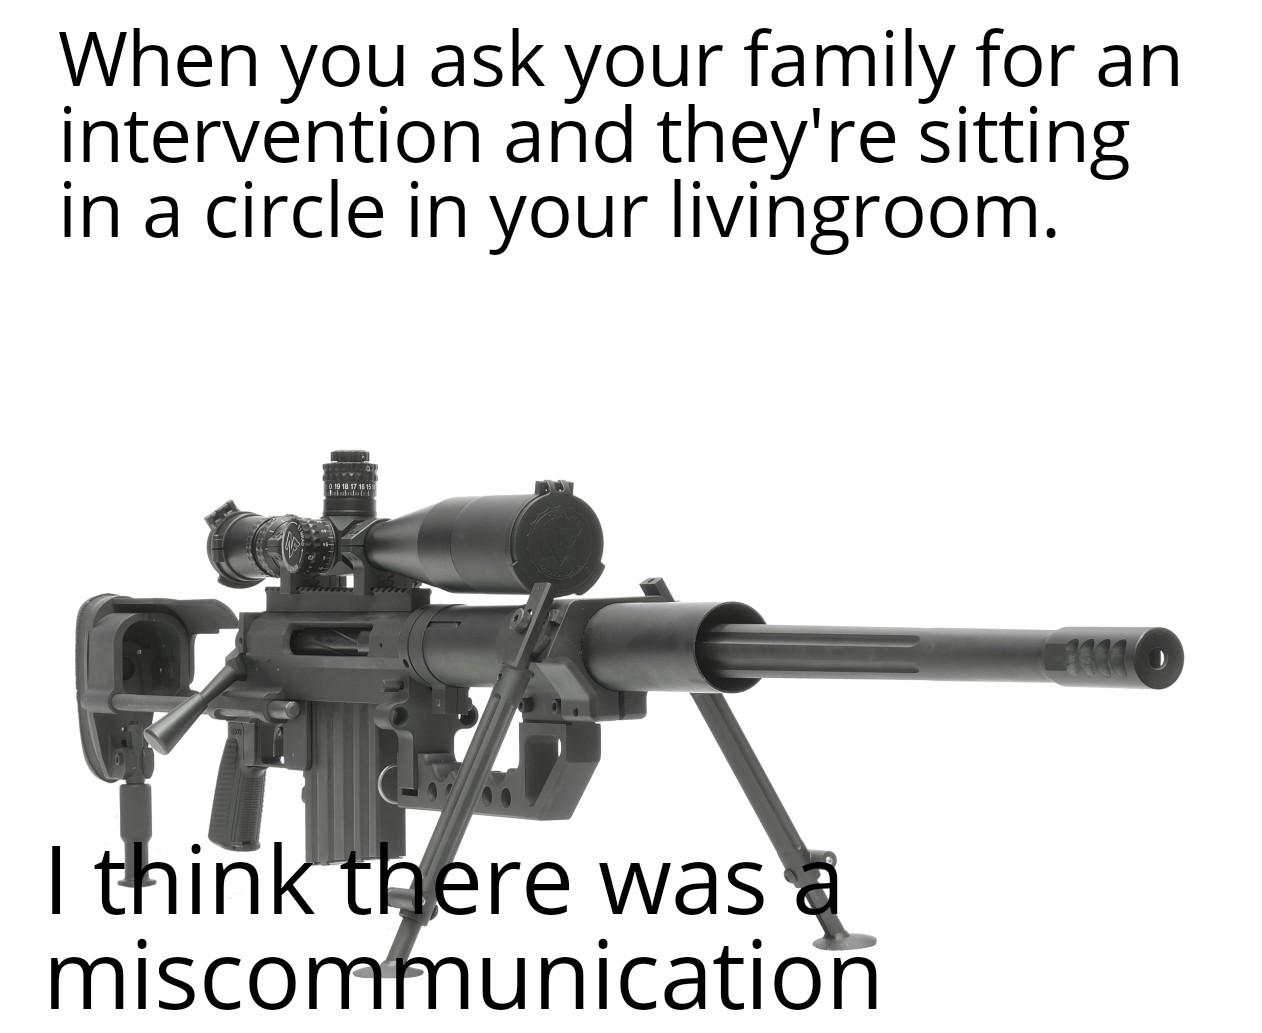 It is really stupid - meme